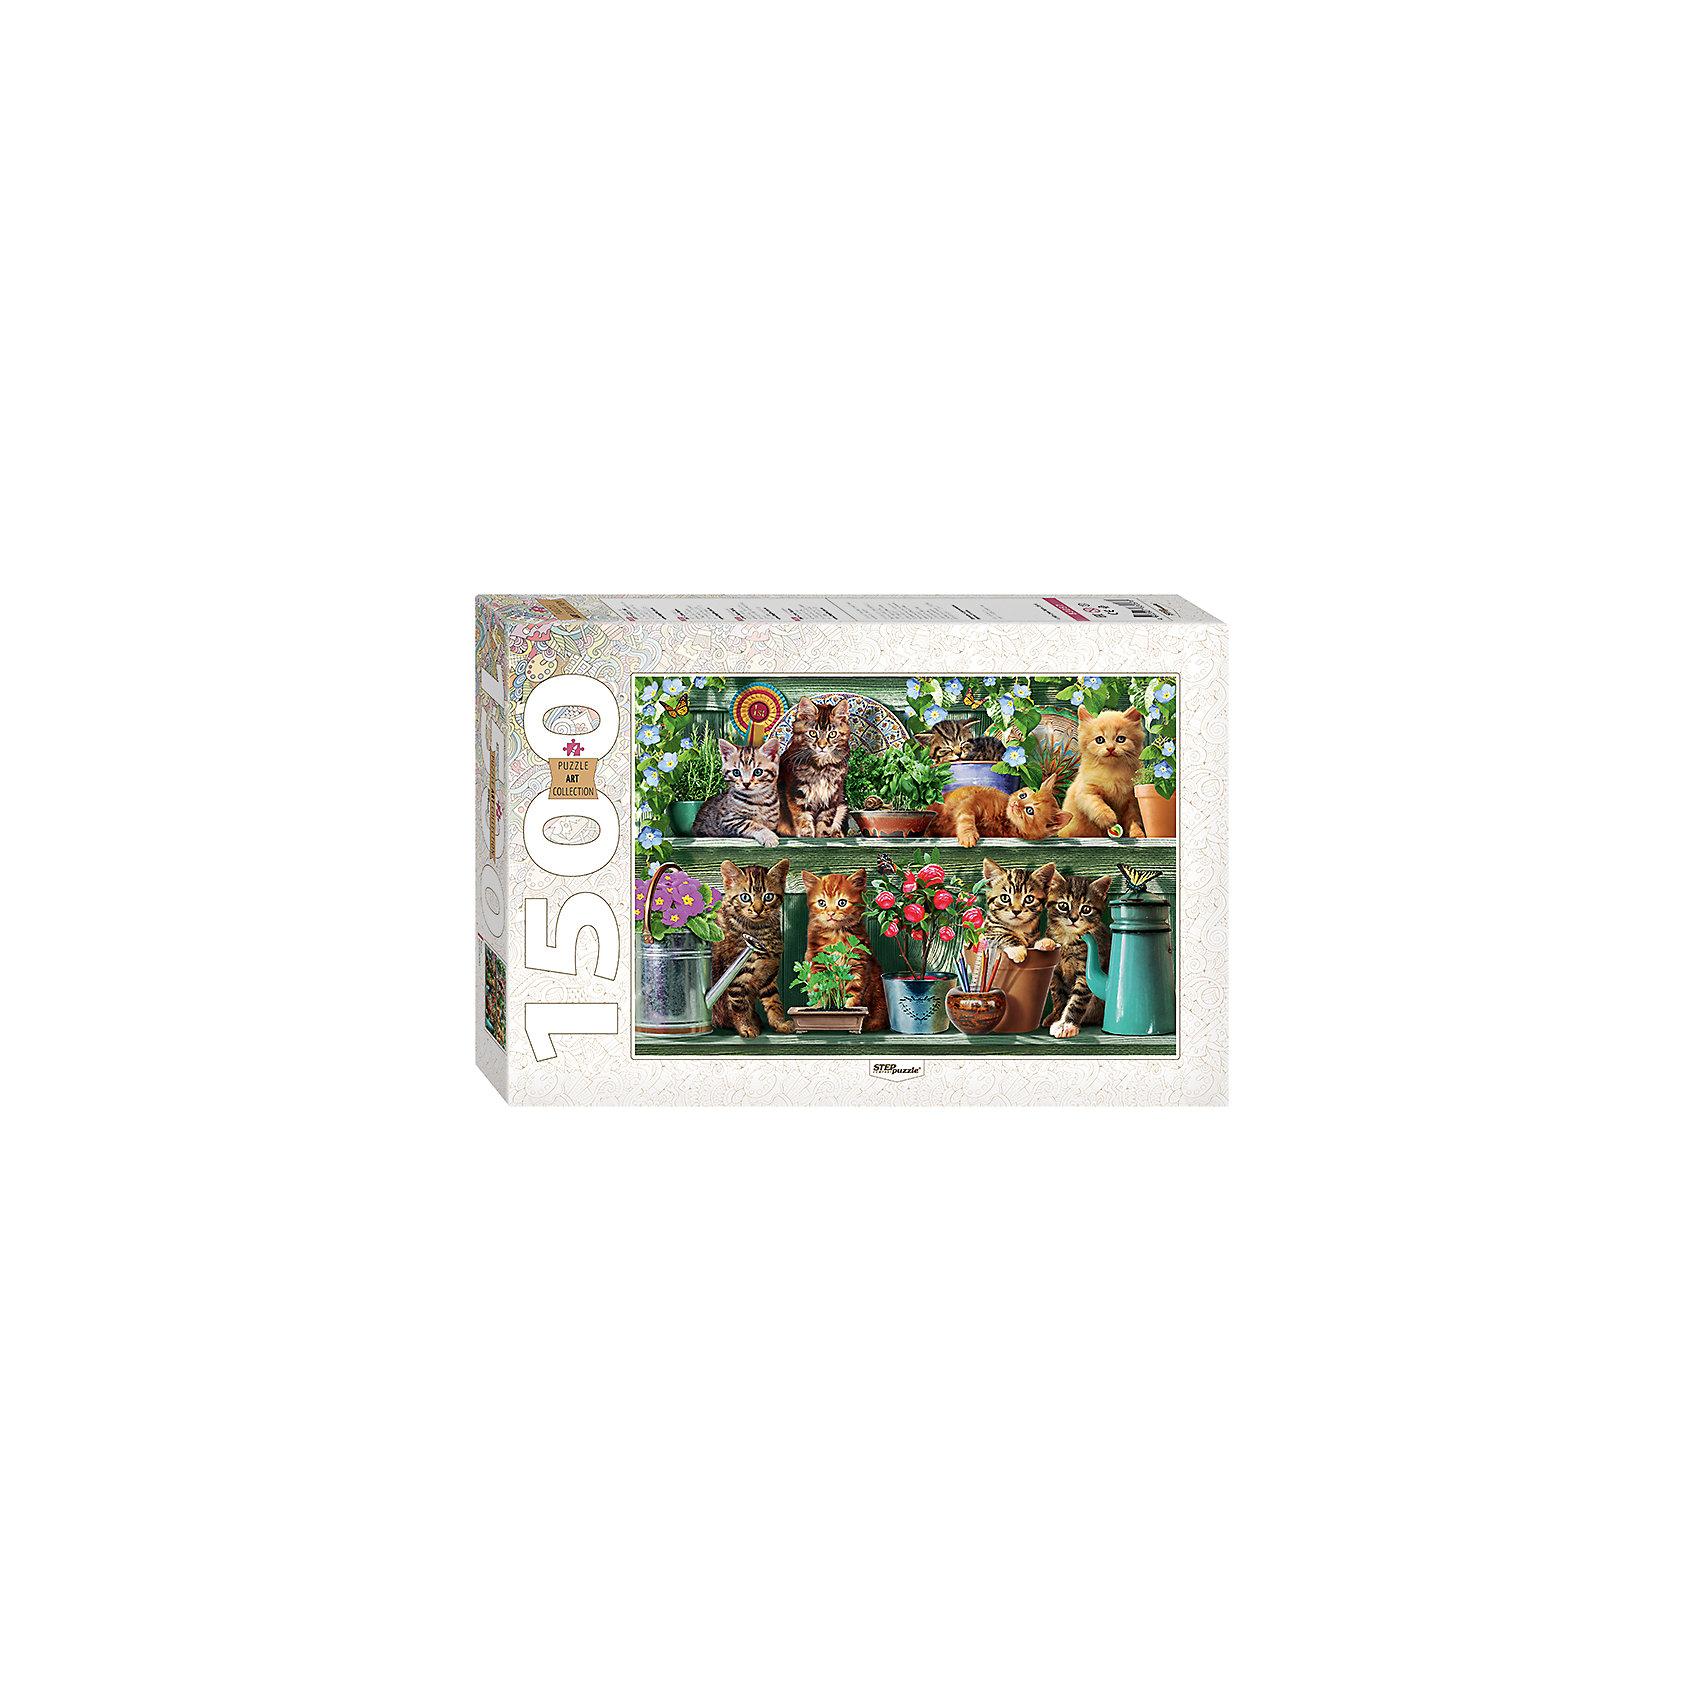 Пазл Котята (new), 1500 деталей, Step PuzzleКоличество деталей<br>Характеристики товара:<br><br>- цвет: разноцветный;<br>- материал: картон;<br>- деталей: 1500;<br>- высокая точность подгонки элементов;<br>- отличное качество печати;<br>- упаковка: коробка.<br><br>Собирать пазлы любят и дети, и взрослые! Это занятие может не только позволять весело проводить время, но и помогать всестороннему развитию ребенка. Изделие представляет собой детали, из которых нужно собрать очень красивую картинку. Все детали отлично проработаны, готовое изображение можно даже зафиксировать на бумаге и украсить им интерьер!<br>Собирание пазлов поможет формированию разных навыков, оно помогает развить тактильное восприятие, мелкую моторику, воображение, внимание и логику. Изделие произведено из качественных материалов, безопасных для ребенка. Набор станет отличным подарком детям!<br><br>Пазл Котята (new), 1500 деталей, от бренда Step Puzzle можно купить в нашем интернет-магазине.<br><br>Ширина мм: 400<br>Глубина мм: 270<br>Высота мм: 55<br>Вес г: 960<br>Возраст от месяцев: 84<br>Возраст до месяцев: 180<br>Пол: Женский<br>Возраст: Детский<br>SKU: 5138180